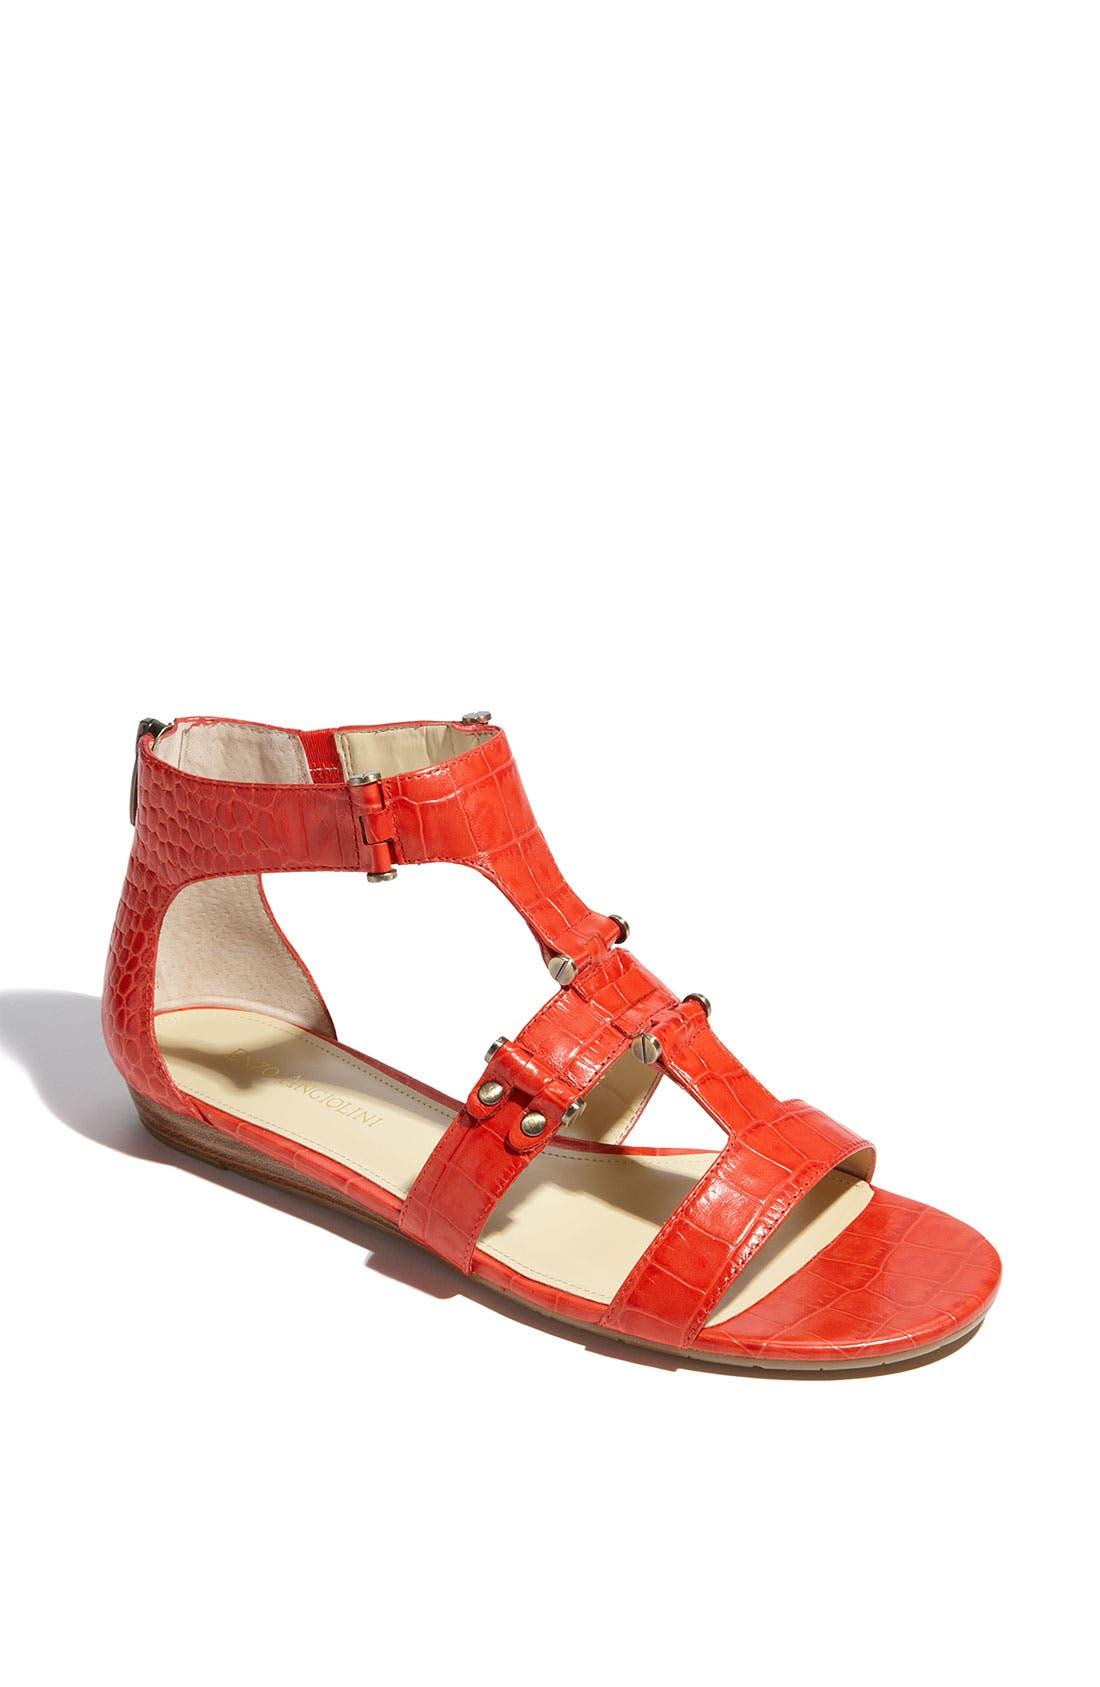 Main Image - Enzo Angiolini 'Yoshi' Flat Sandal